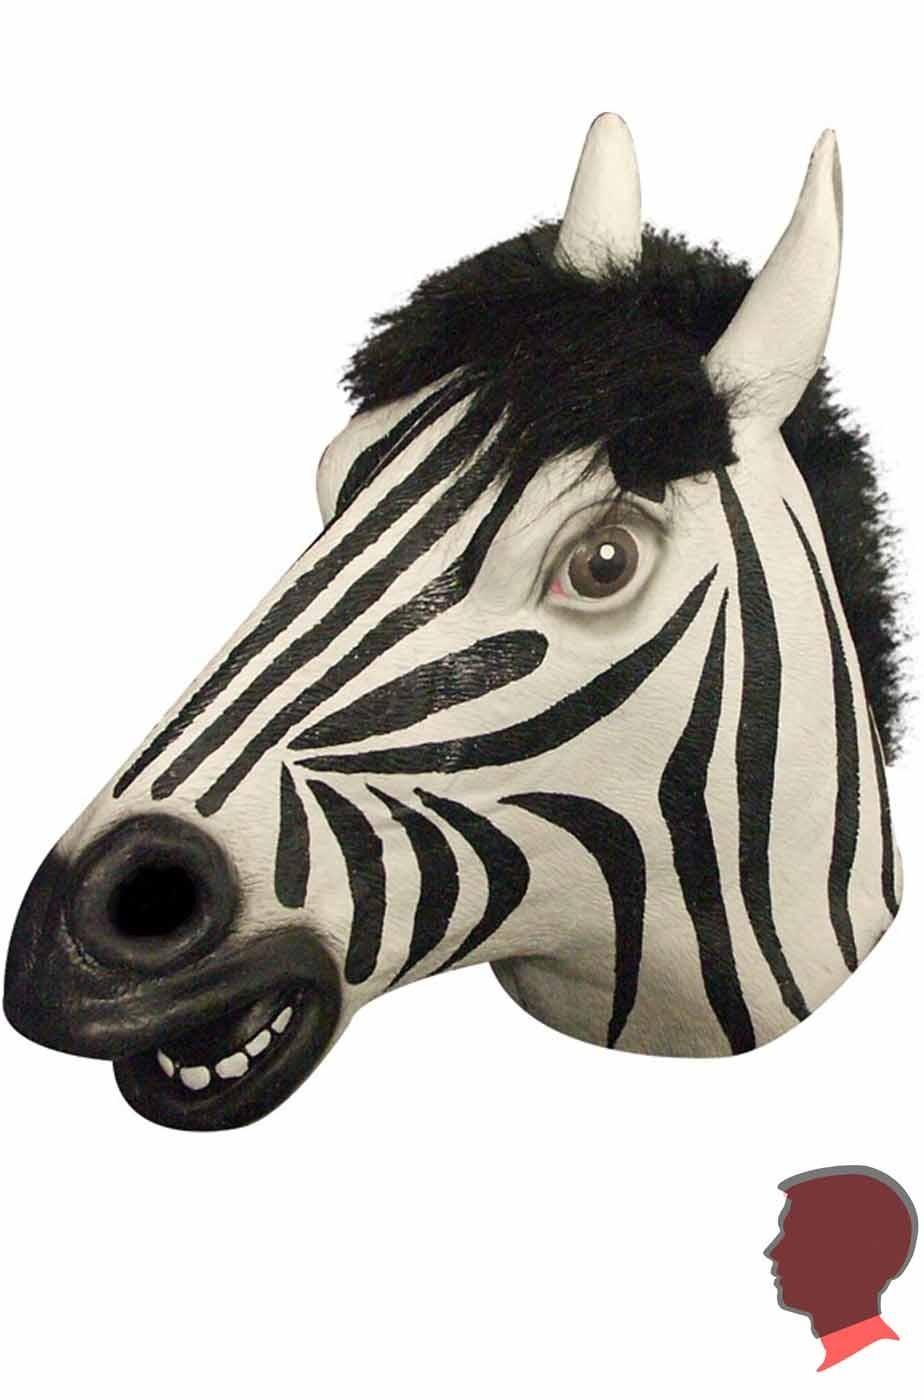 Maschera zebra testa intera in lattice